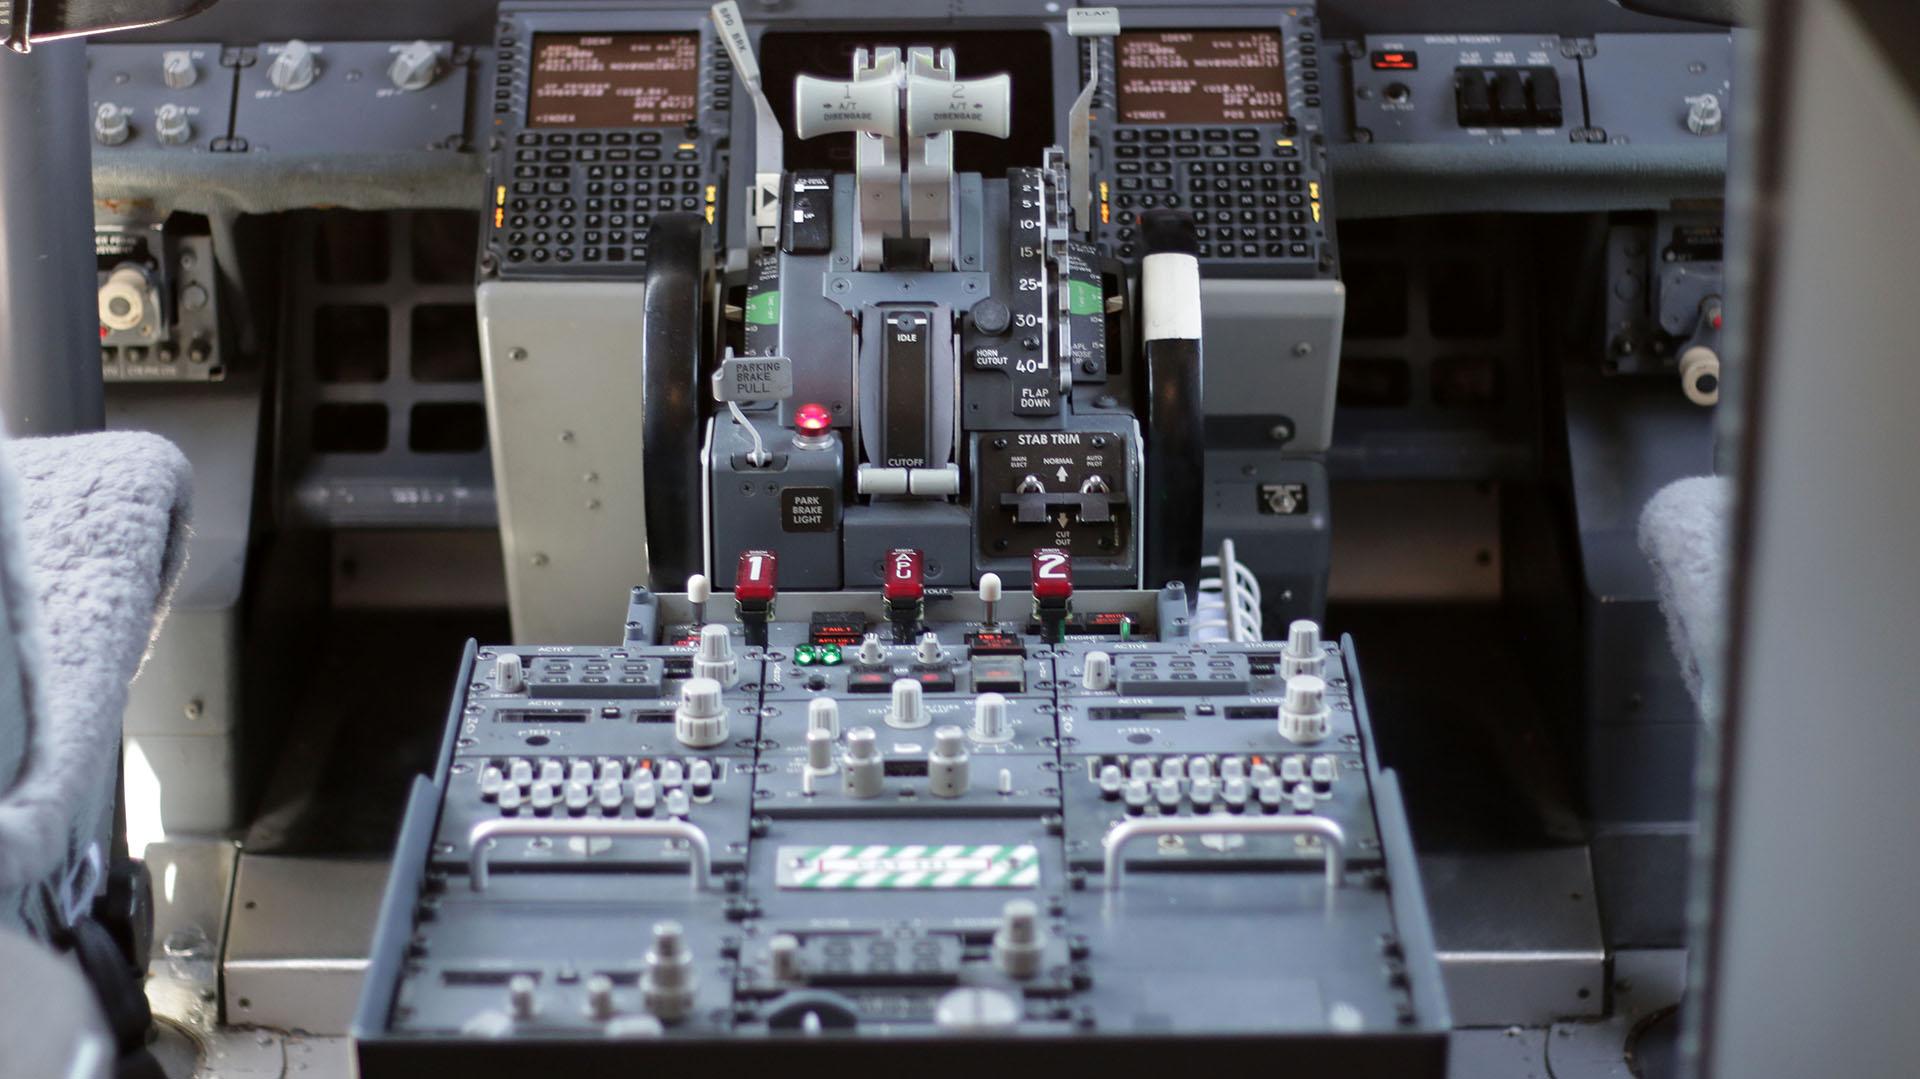 El panel de instrumentos del Boeing 737-800 del primer avión de Flybondi en la Argentina.